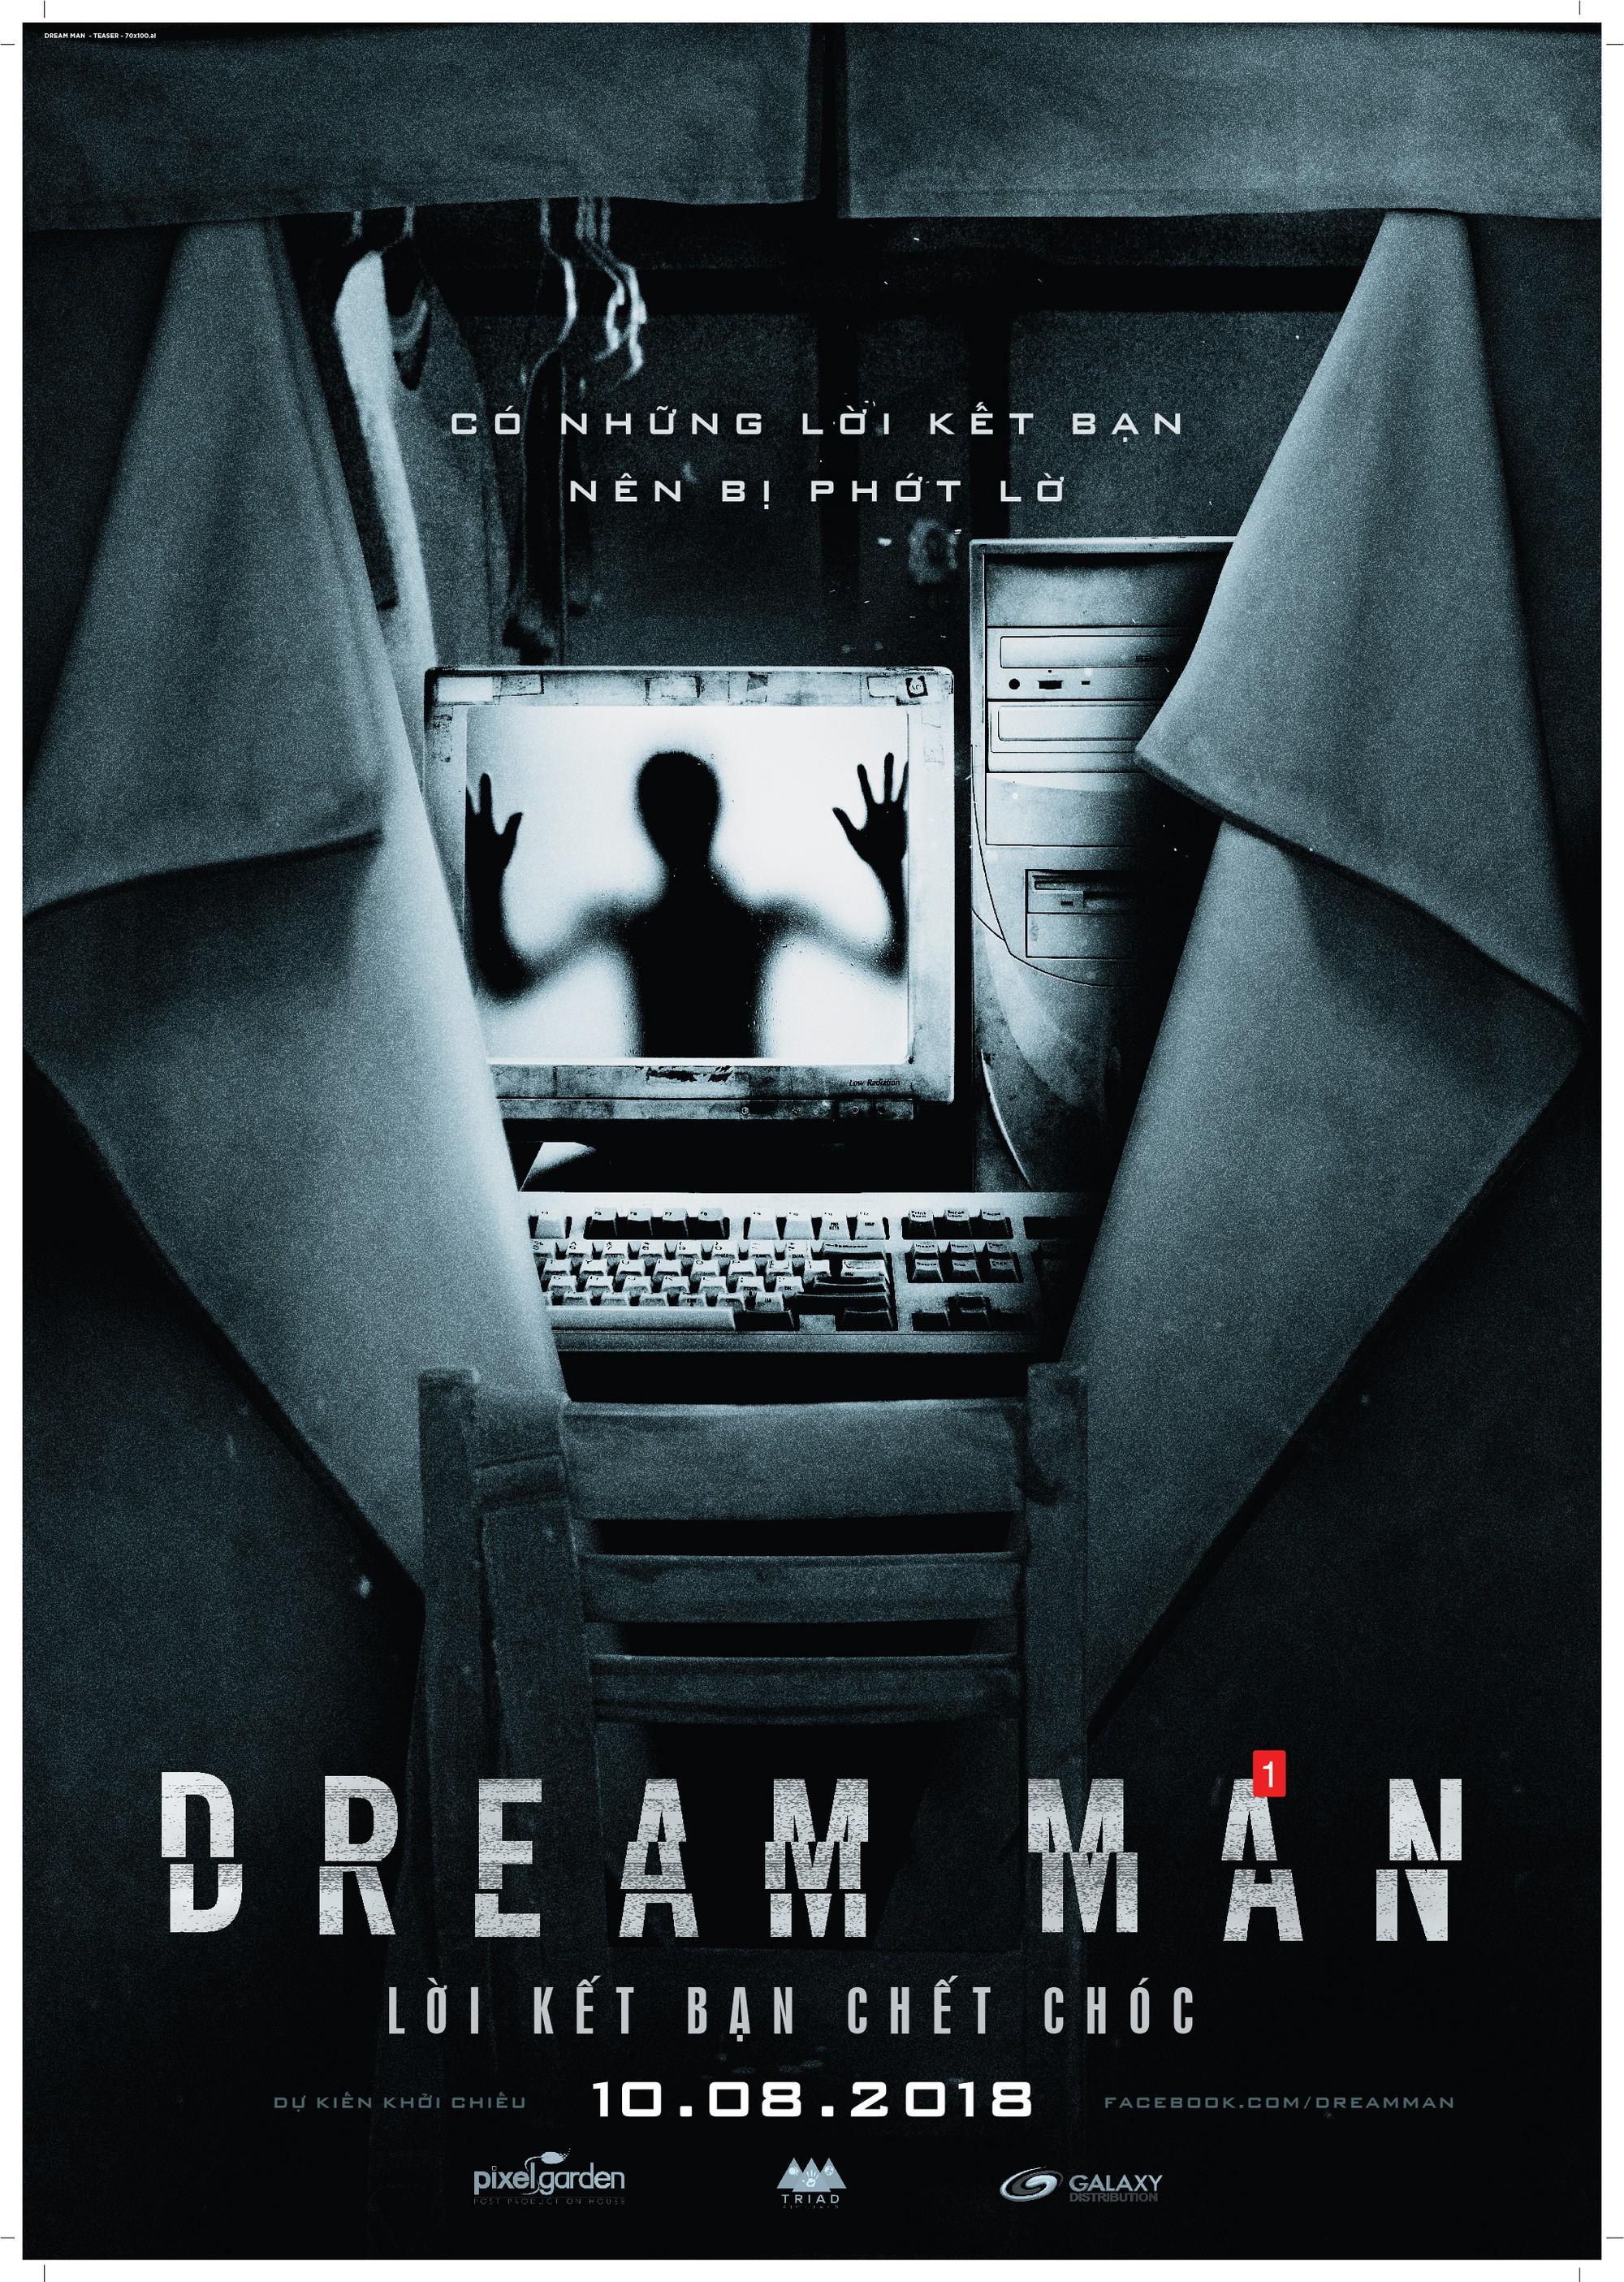 Phim kinh dị về thế giới ảo Dream Man: Kết bạn trên mạng xong rồi chết!? - Ảnh 14.